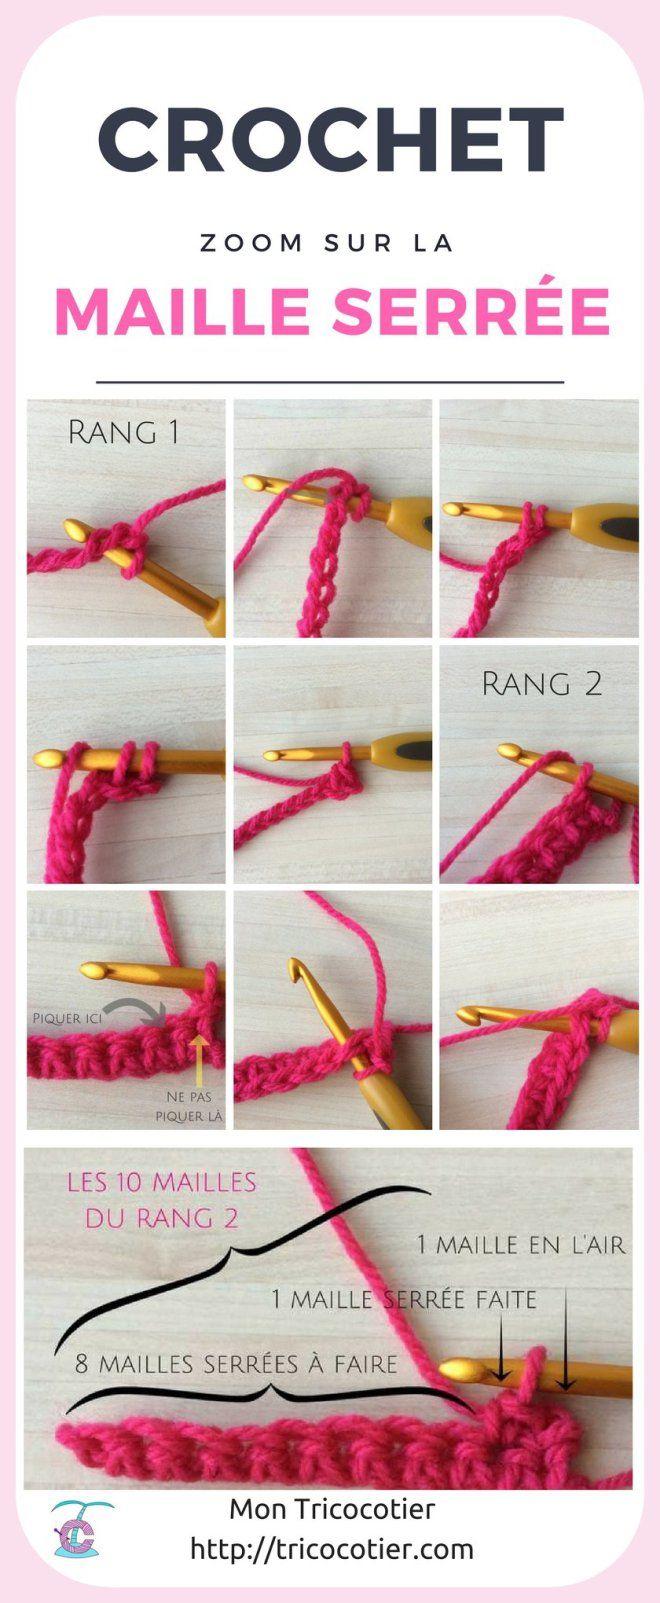 367a1804c50 Gros plan sur la maille serrée (TUTO crochet en photos - Aglaé - Tricot  Crochet Couture Podcast -